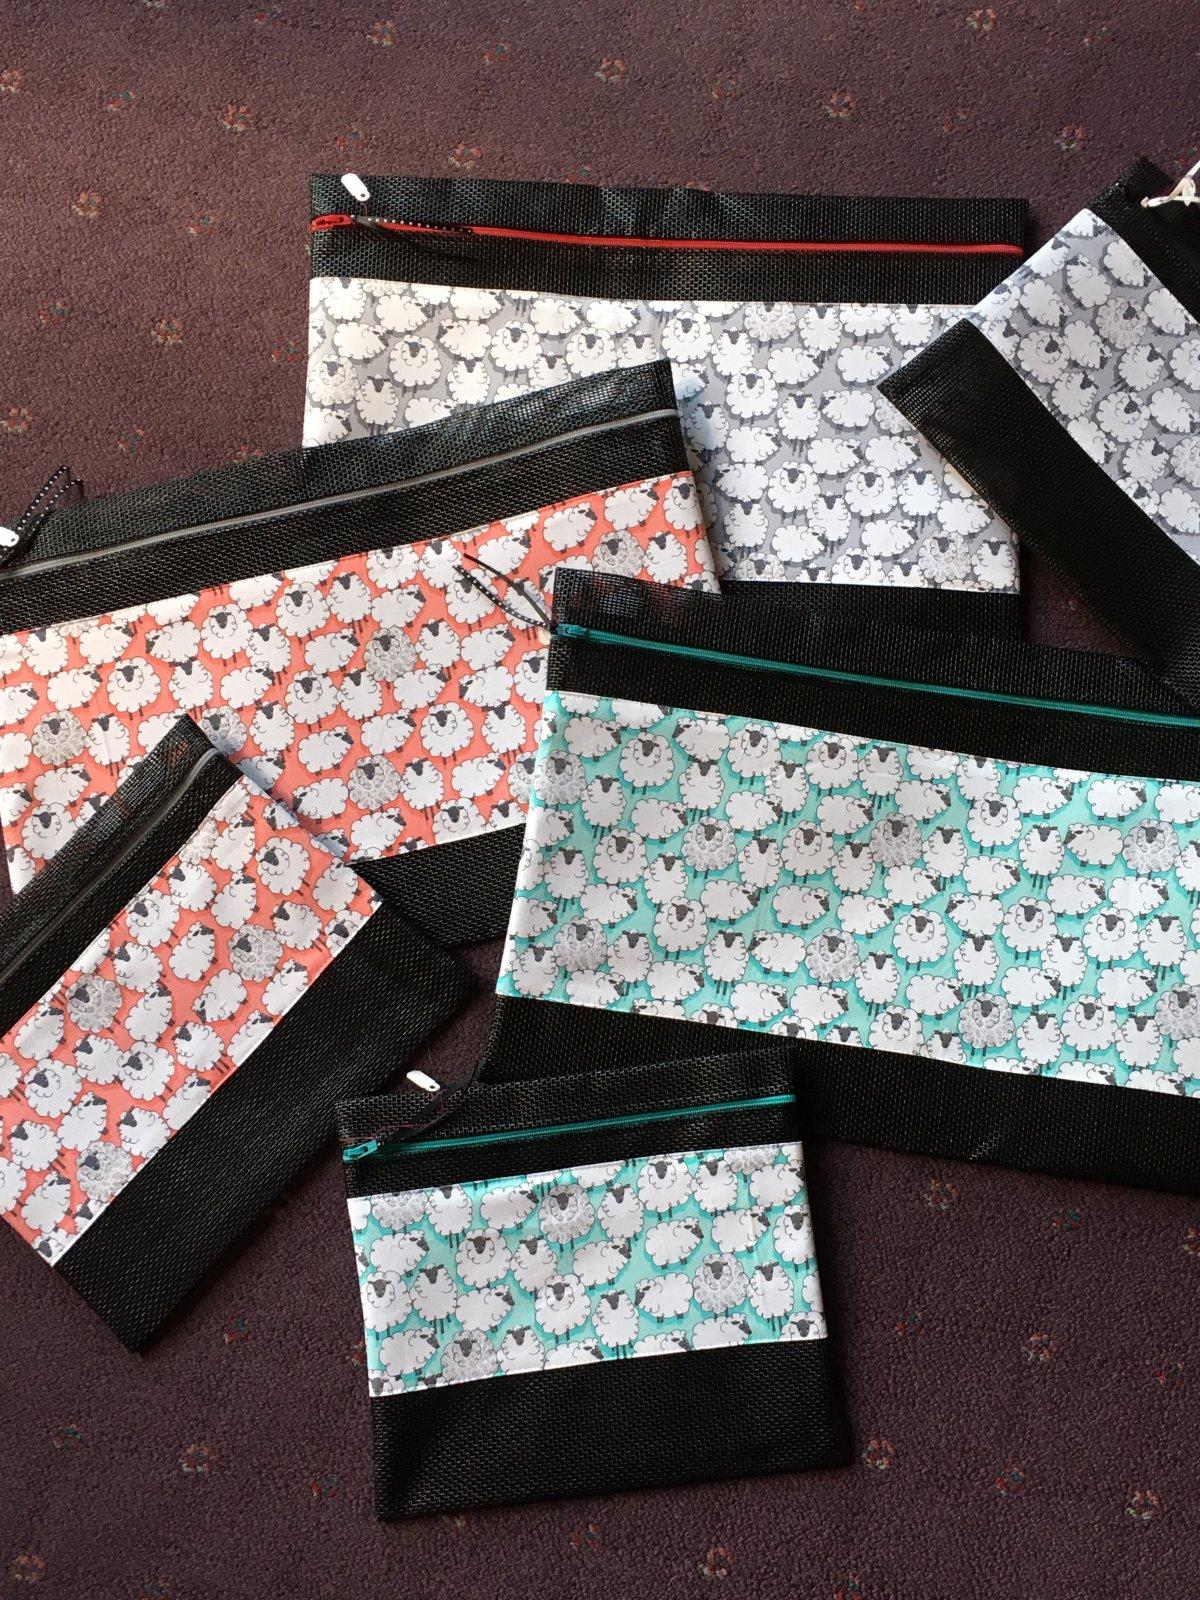 New Stitching Stitching Bags